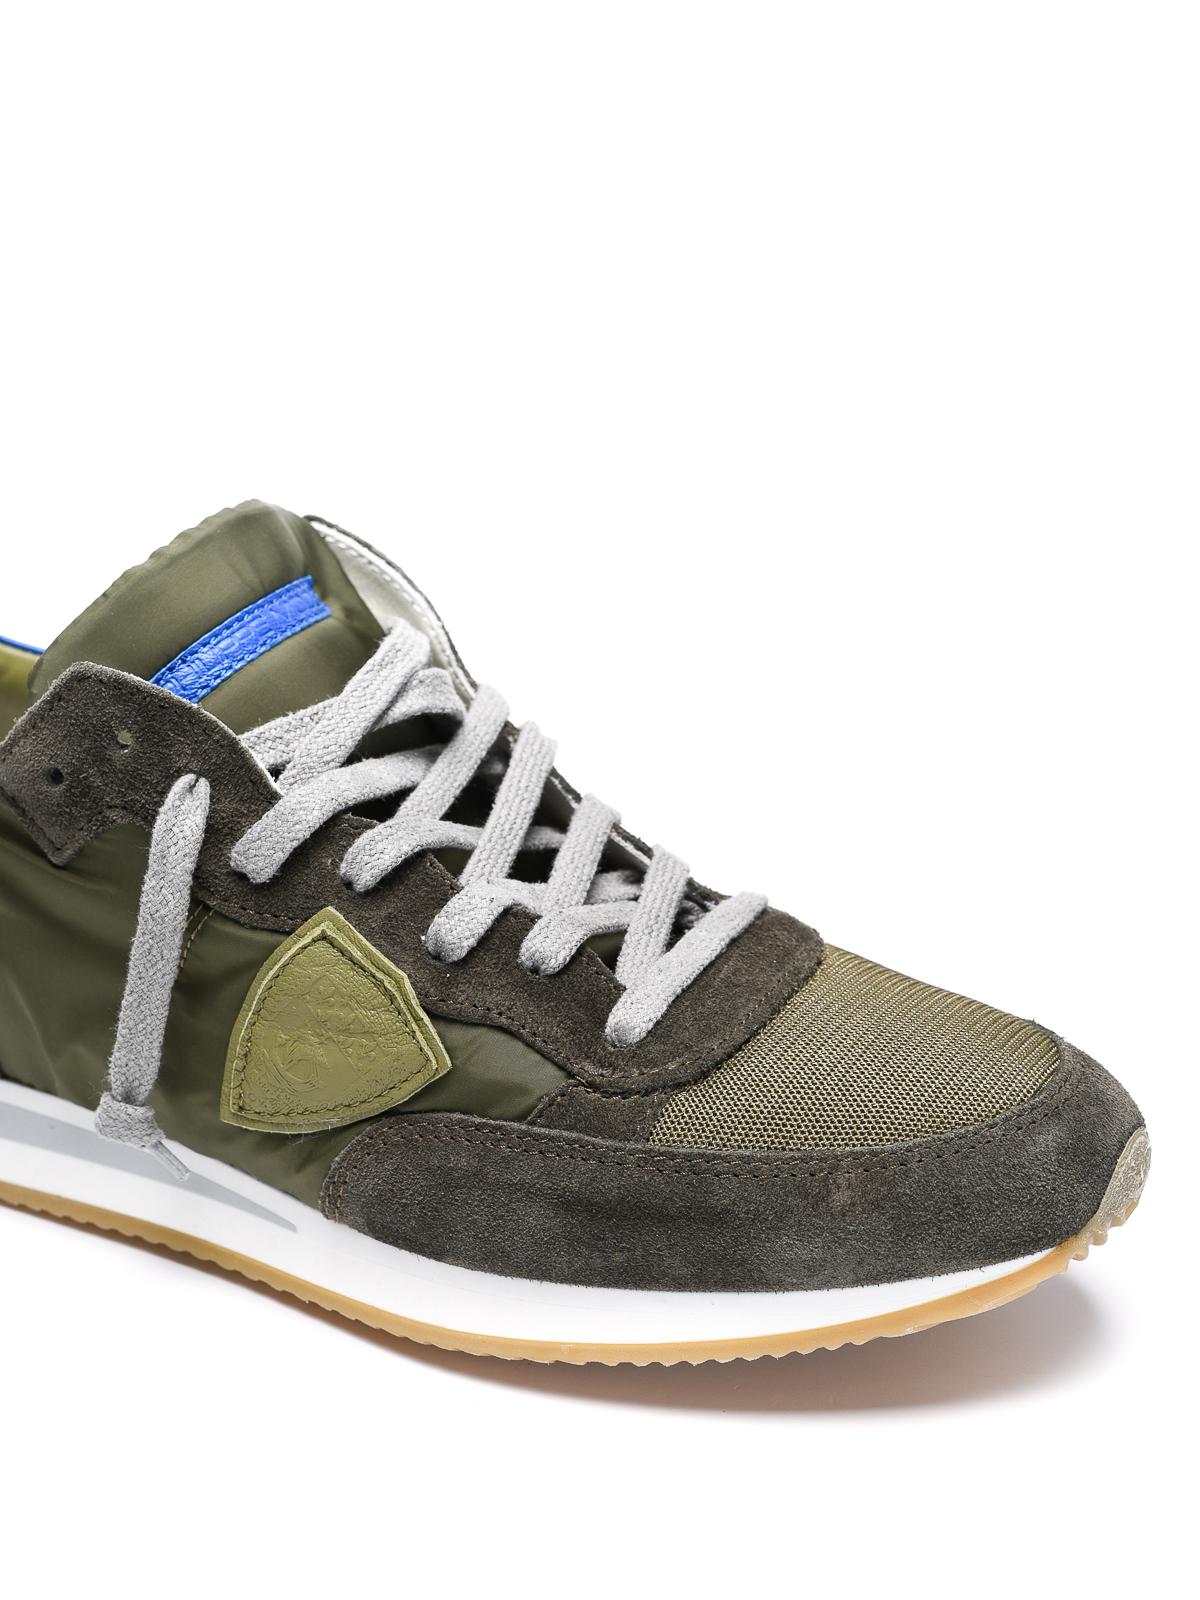 philippe model baskets tropez pour homme chaussures de sport trlu wx33. Black Bedroom Furniture Sets. Home Design Ideas